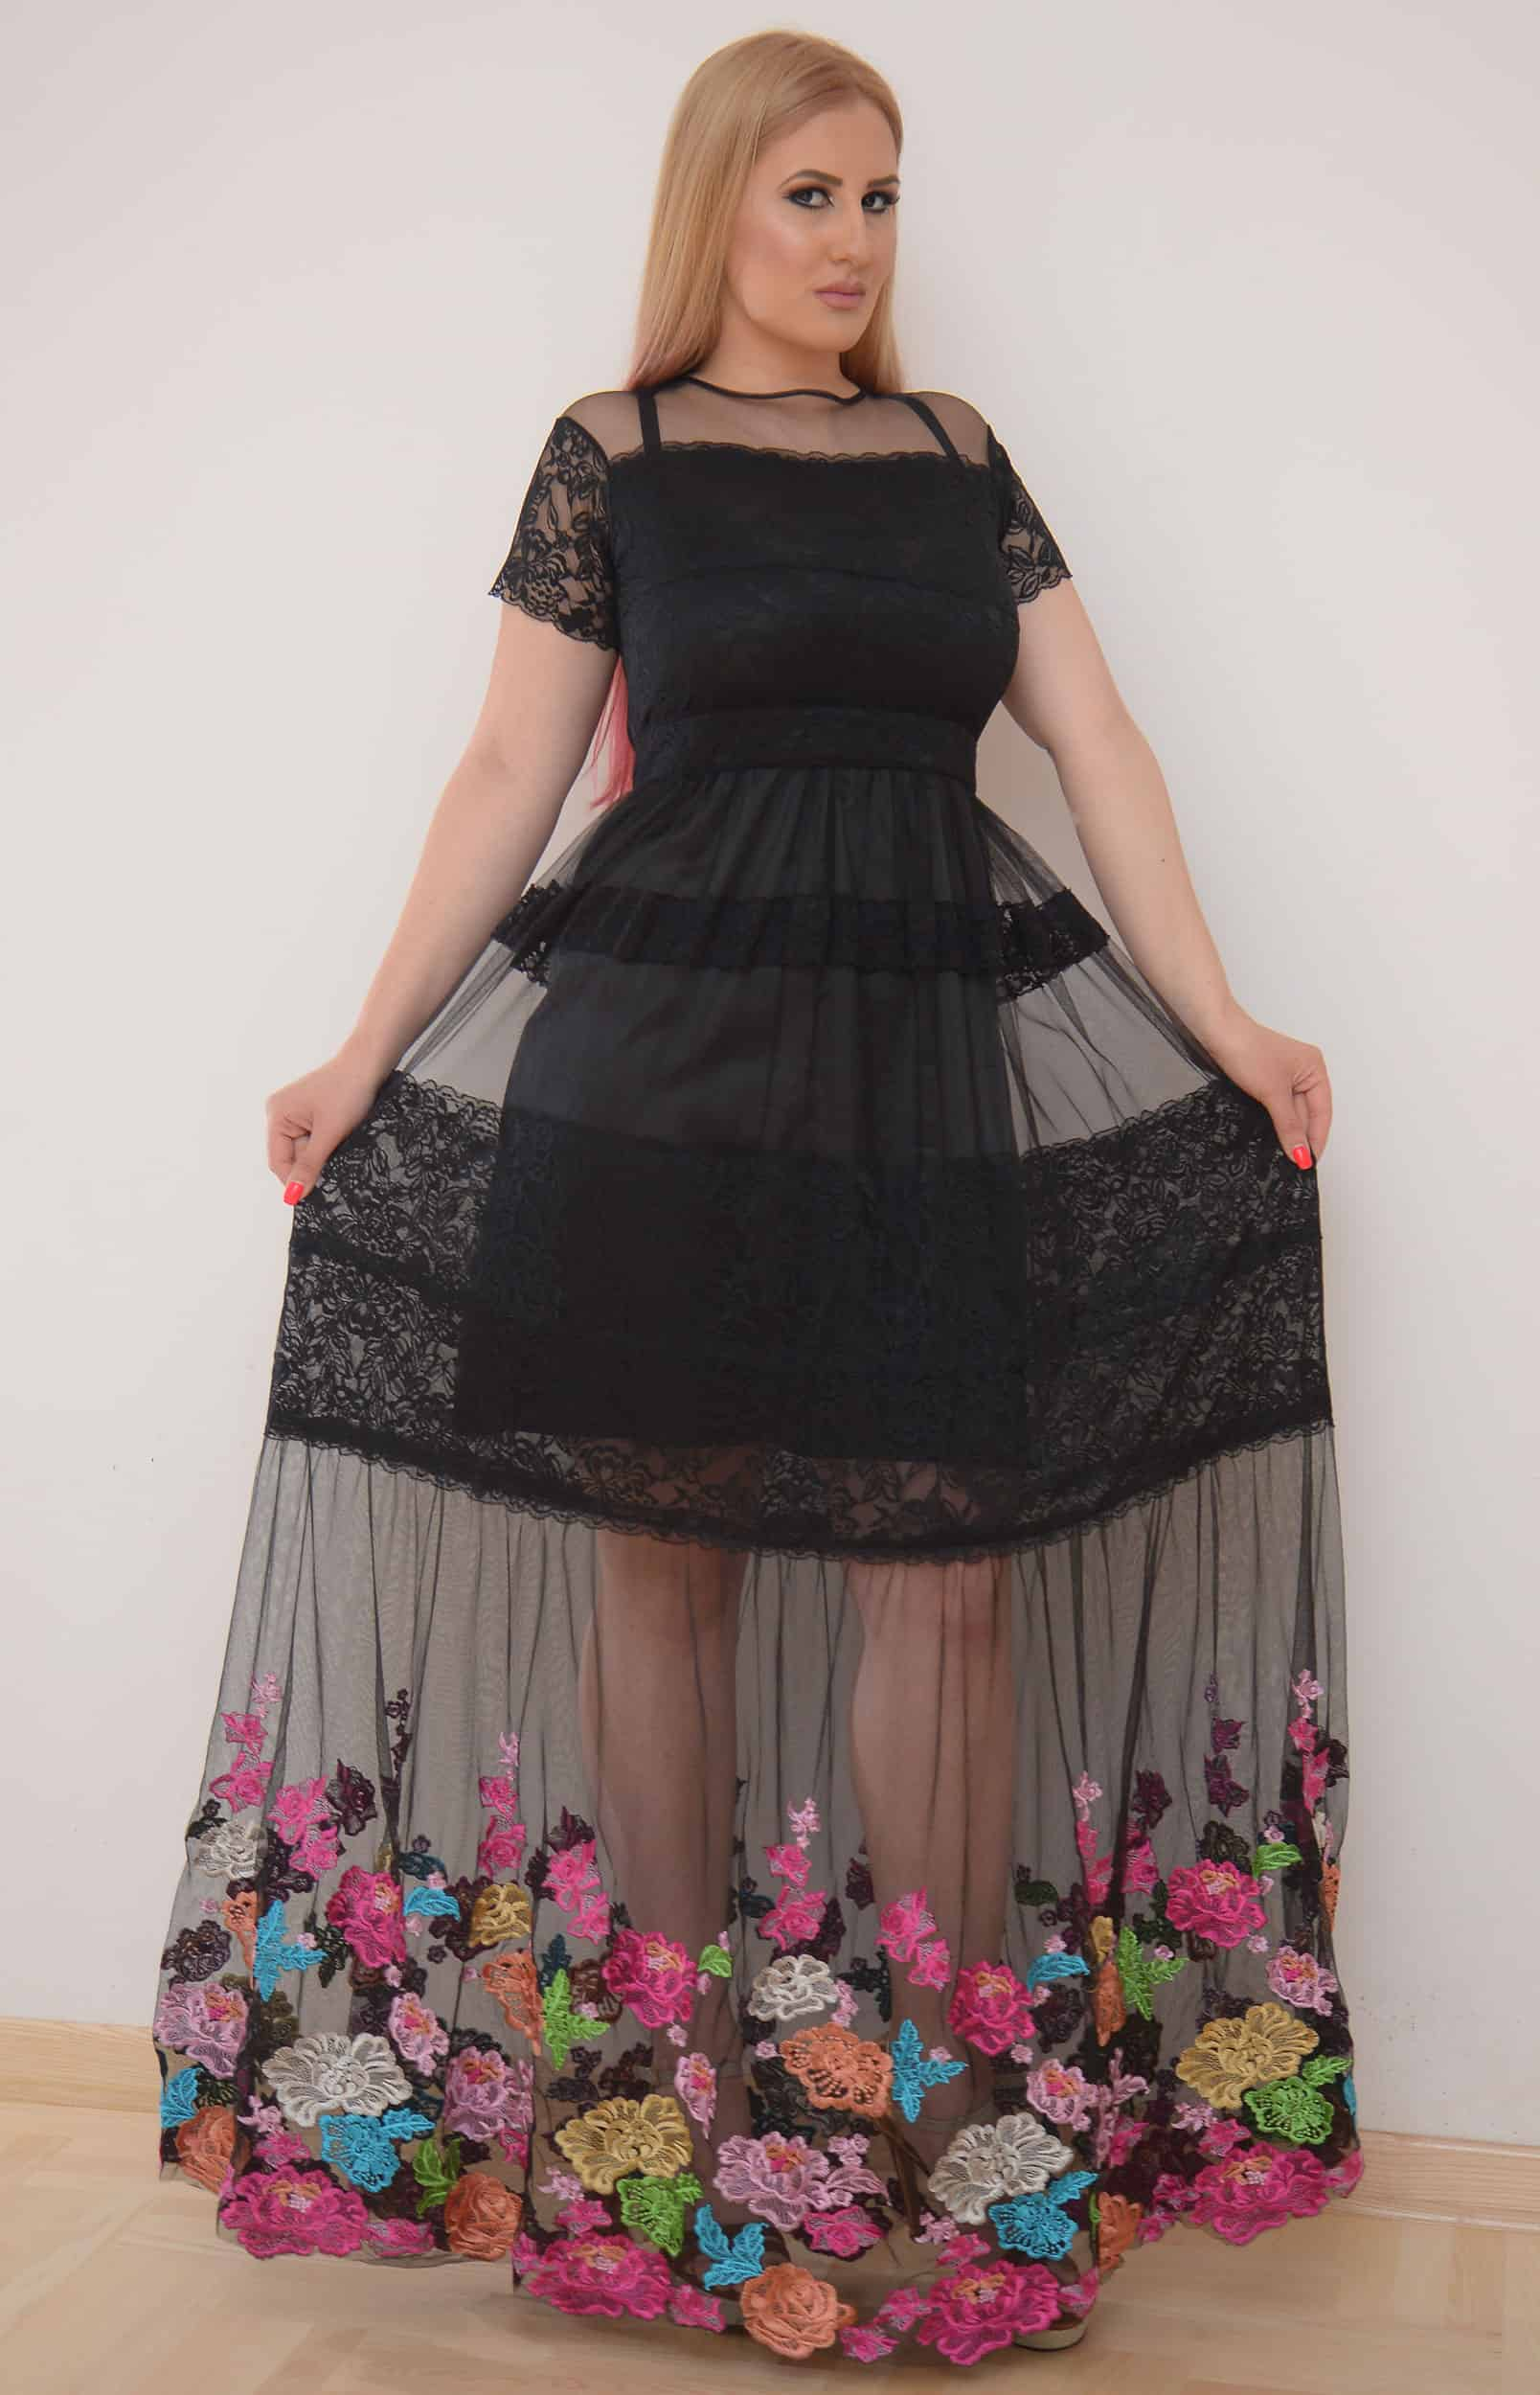 Iznajmljivanje haljina Nis - Arte e Moda - Rent A Dress Nis